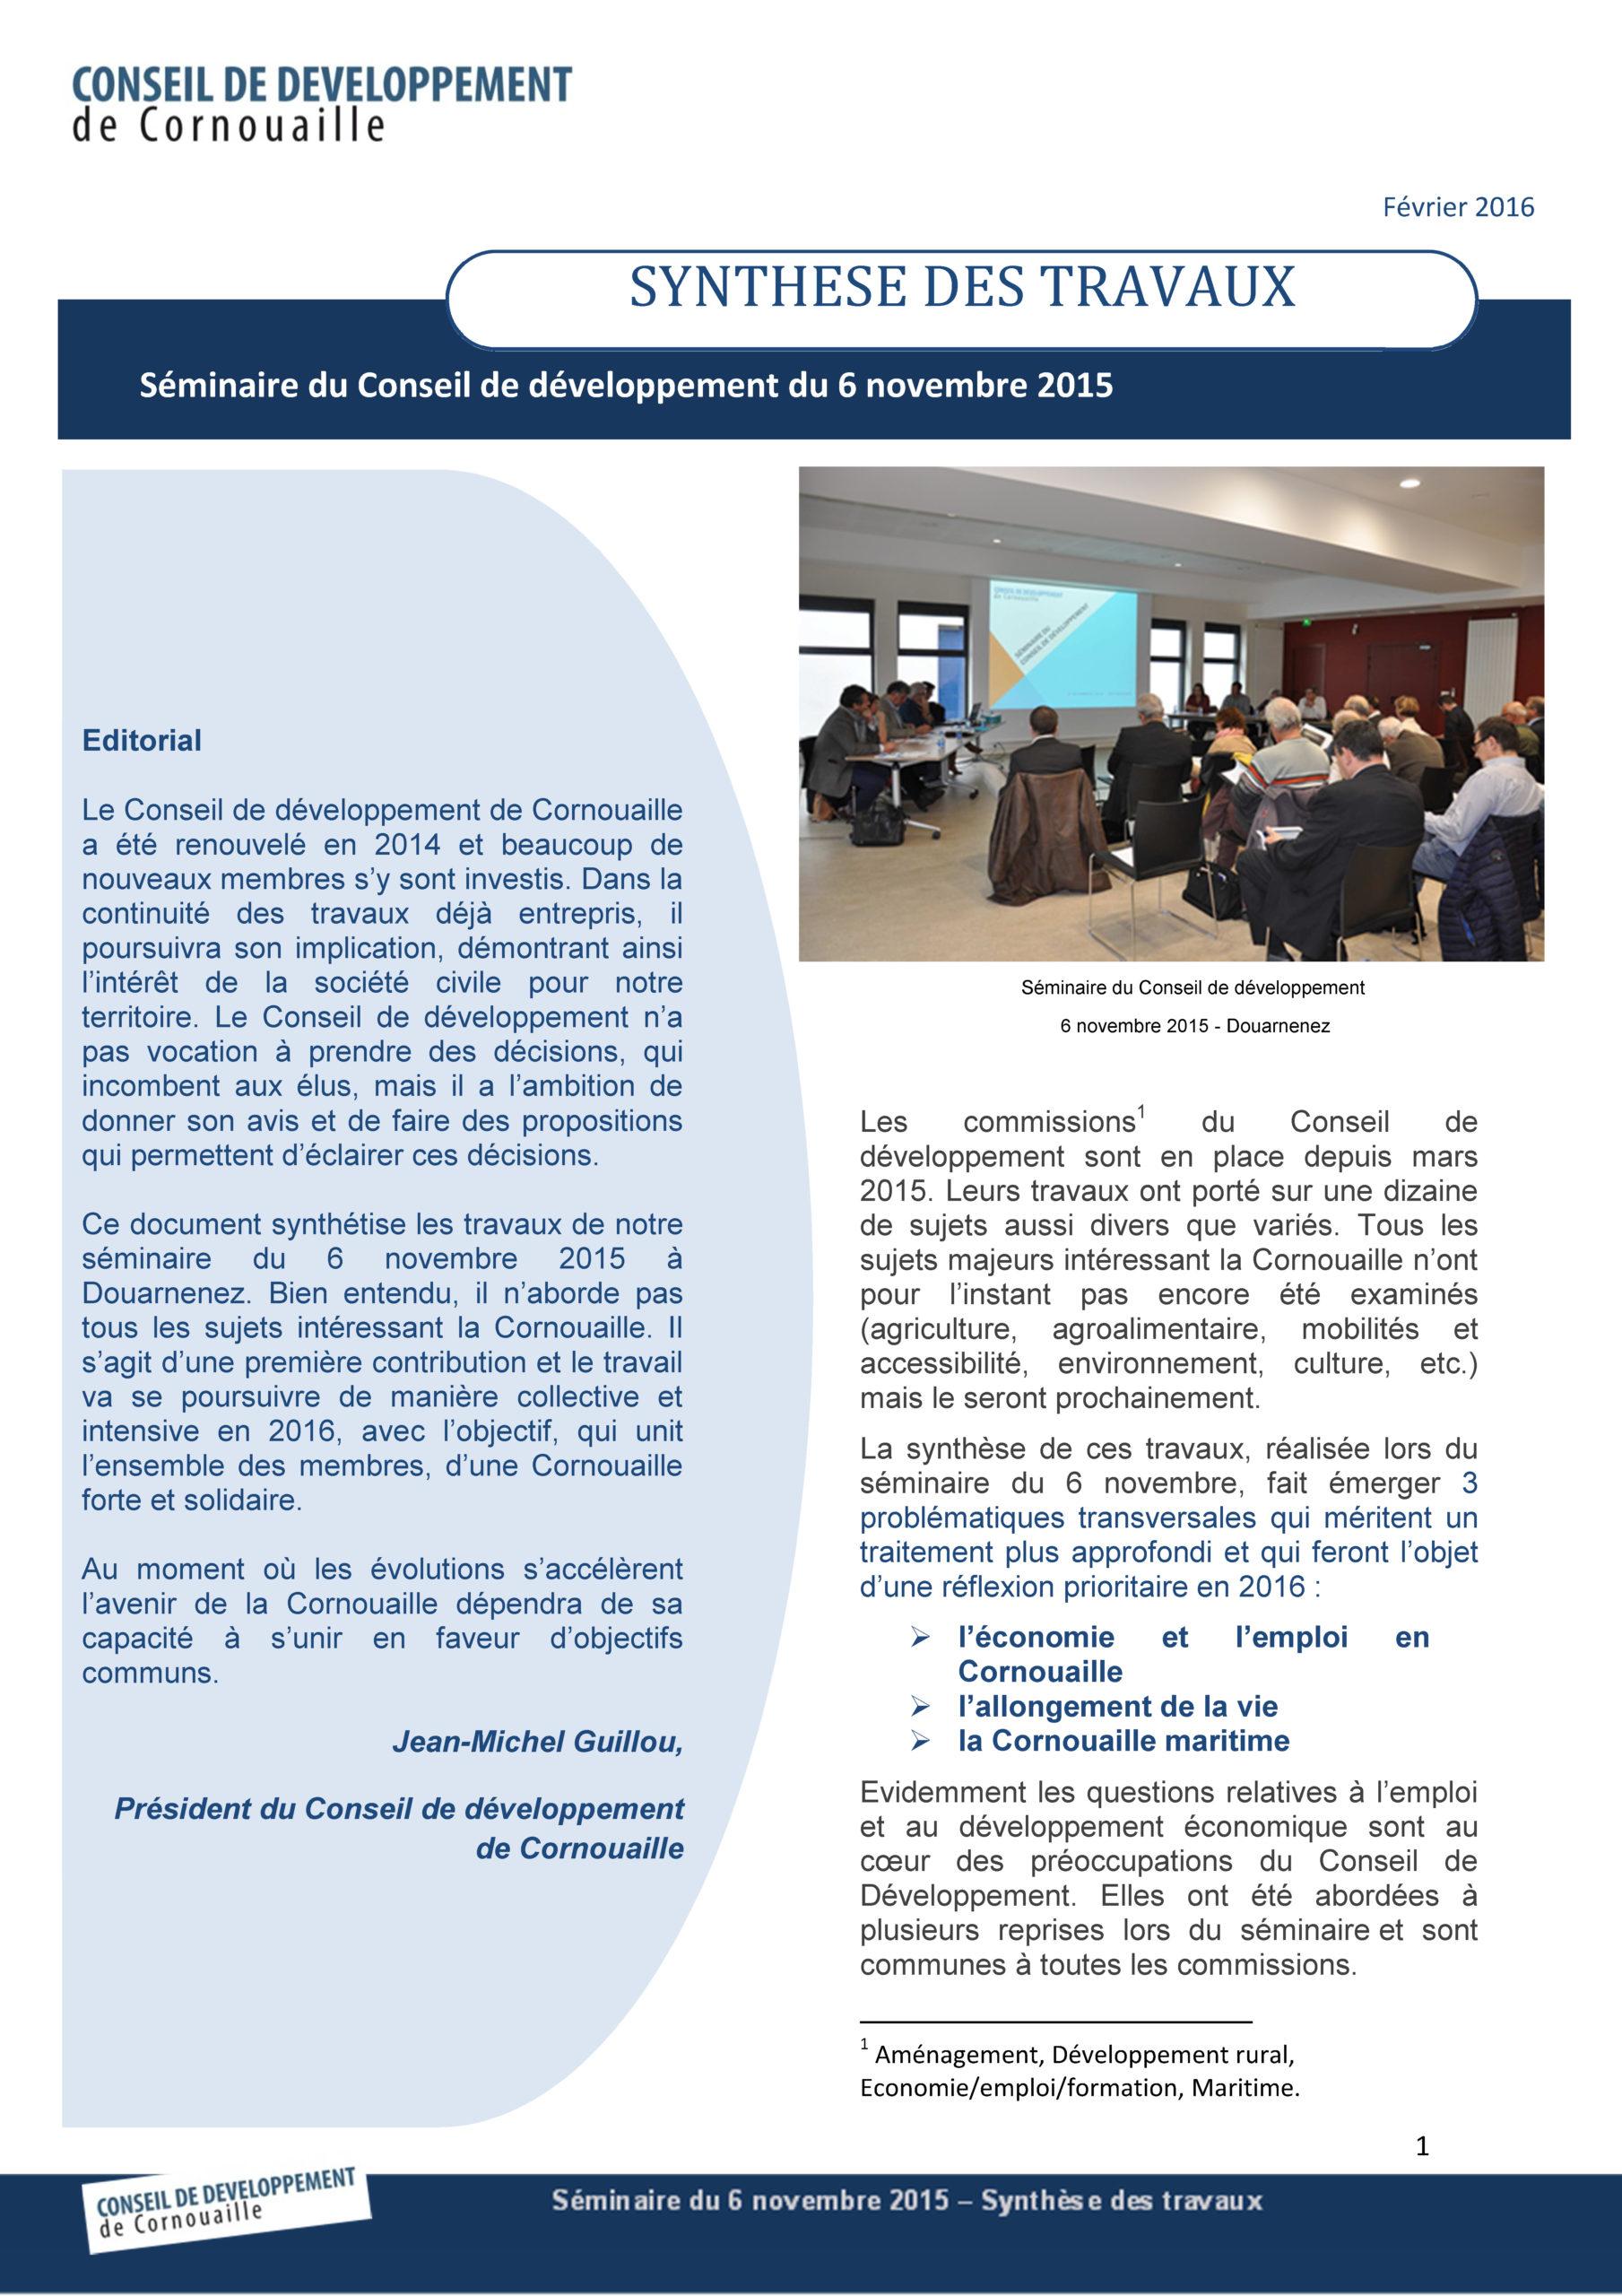 Synthèse des travaux du séminaire du Conseil de développement de Cornouaille du 6 novembre 2015